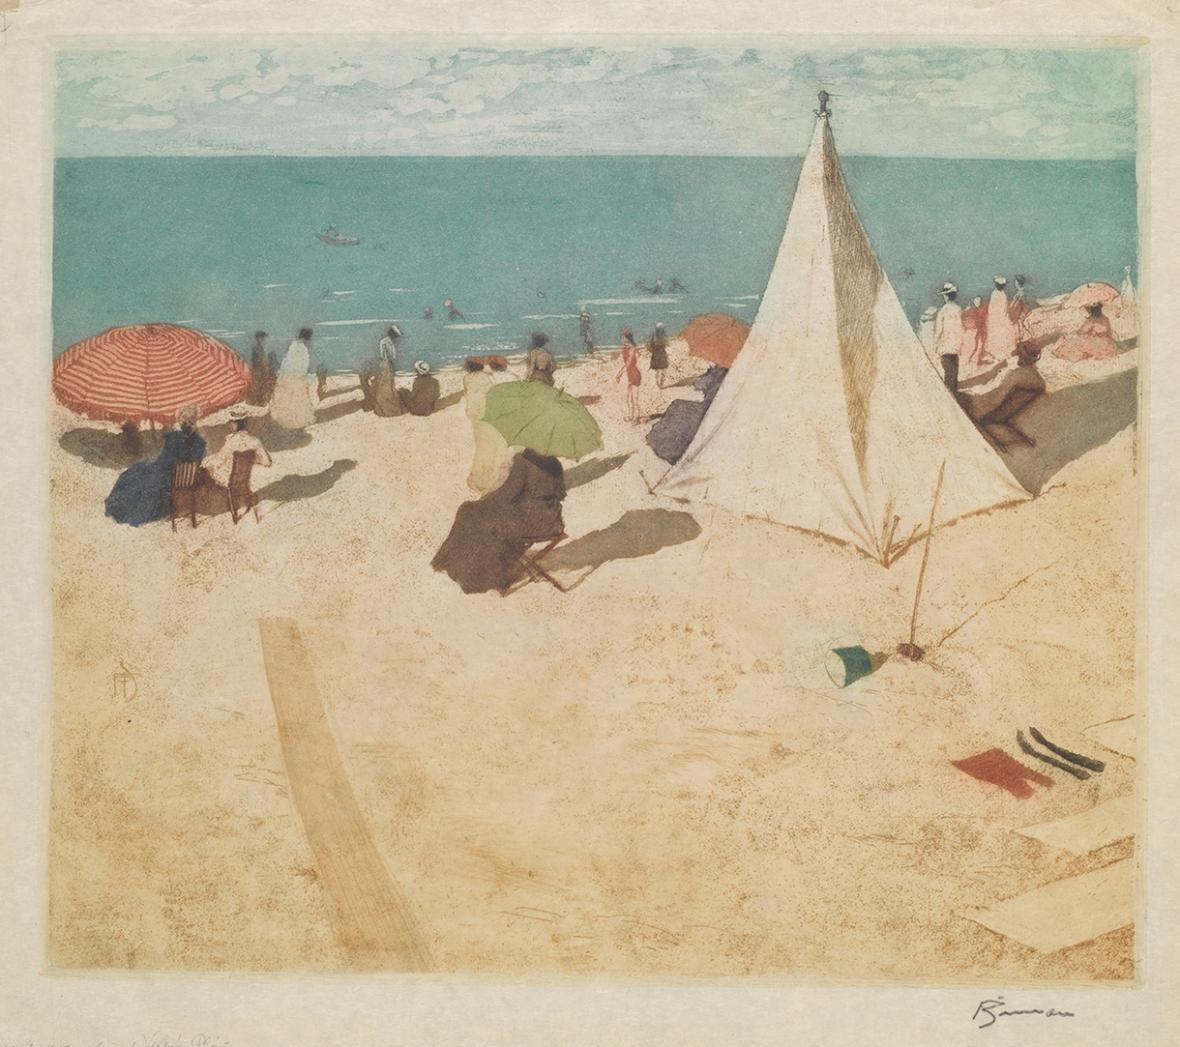 Tavík František Šimon / Slunná pláž, nedatováno (1906), měkký kryt (vernis mou), akvatinta barevná, suchá jehla, papír